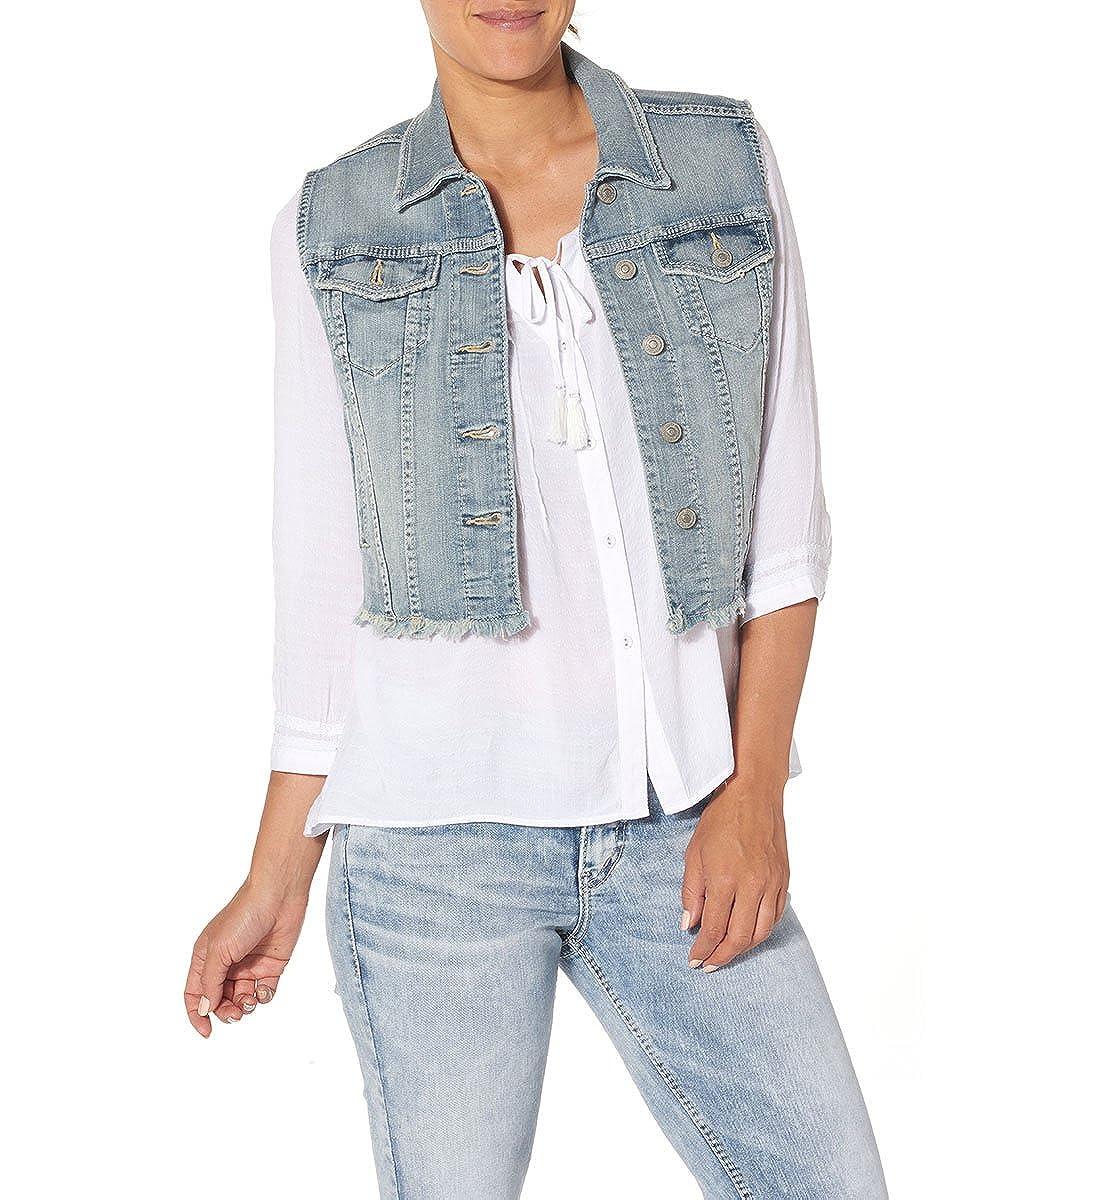 Amazon.com: Silver Jeans Cropped de la mujer Denim Chaleco ...